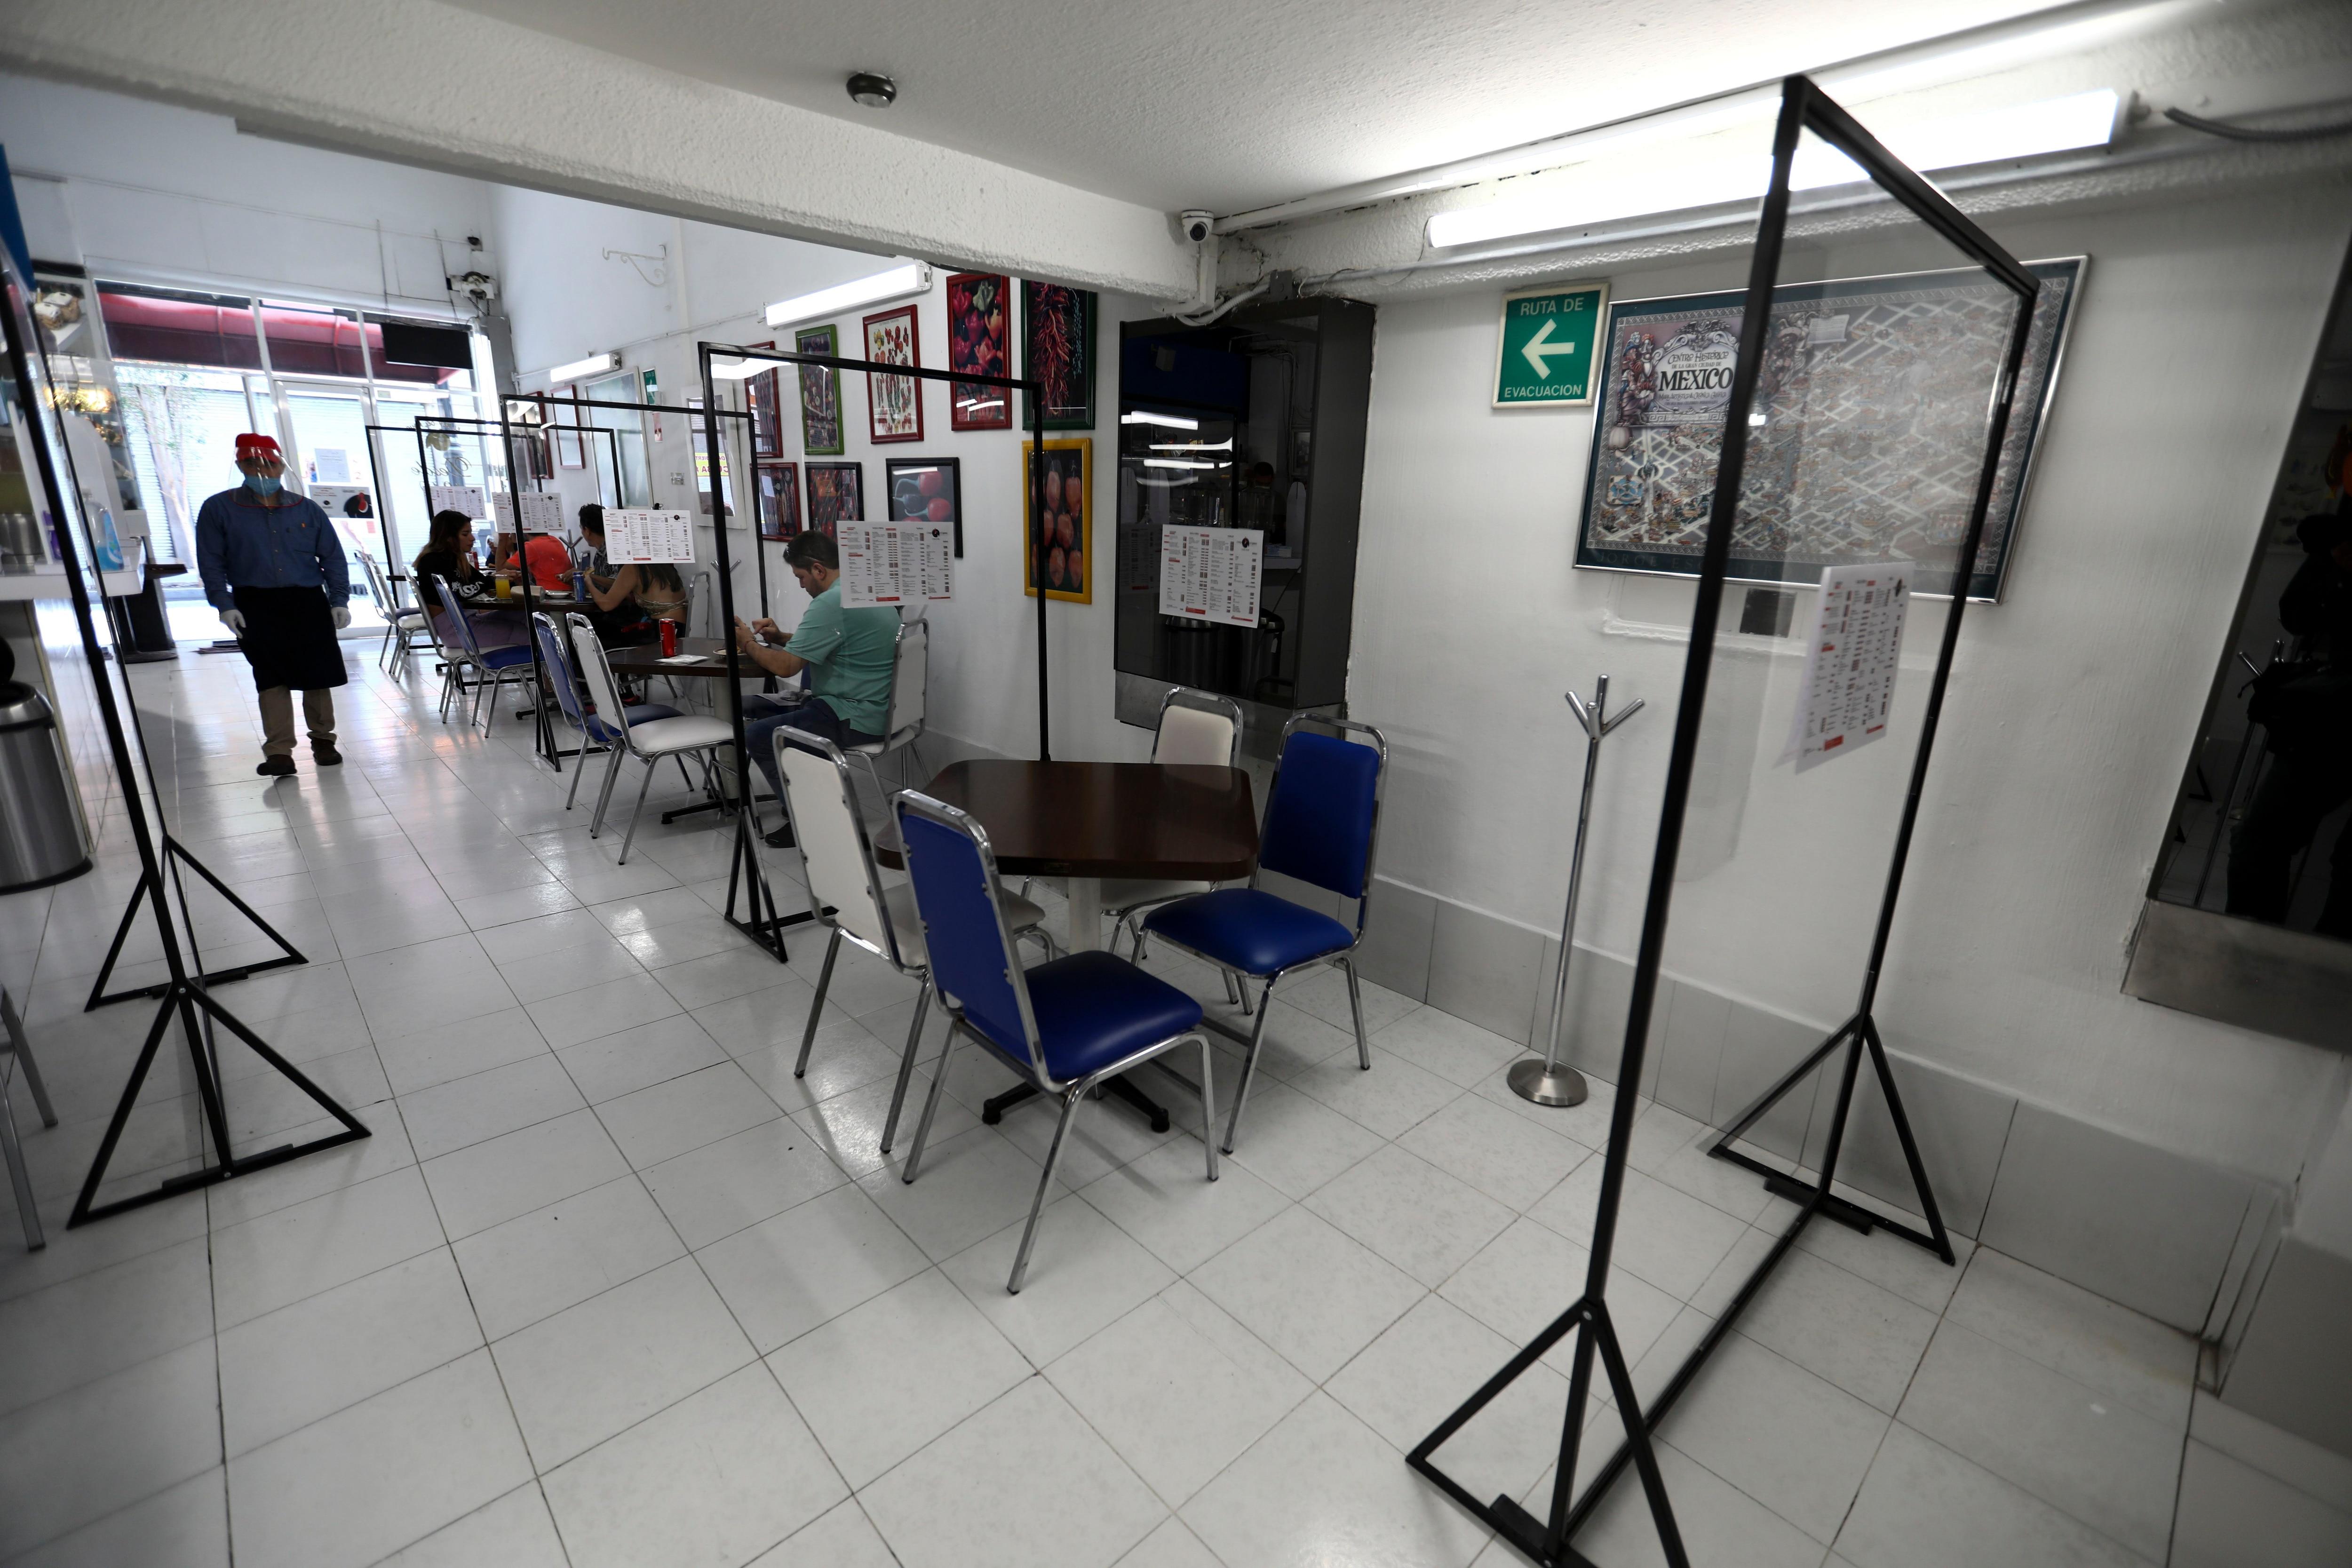 Mexico - nueva normalidad - centro historico - mexico - restaurantes - reapertura